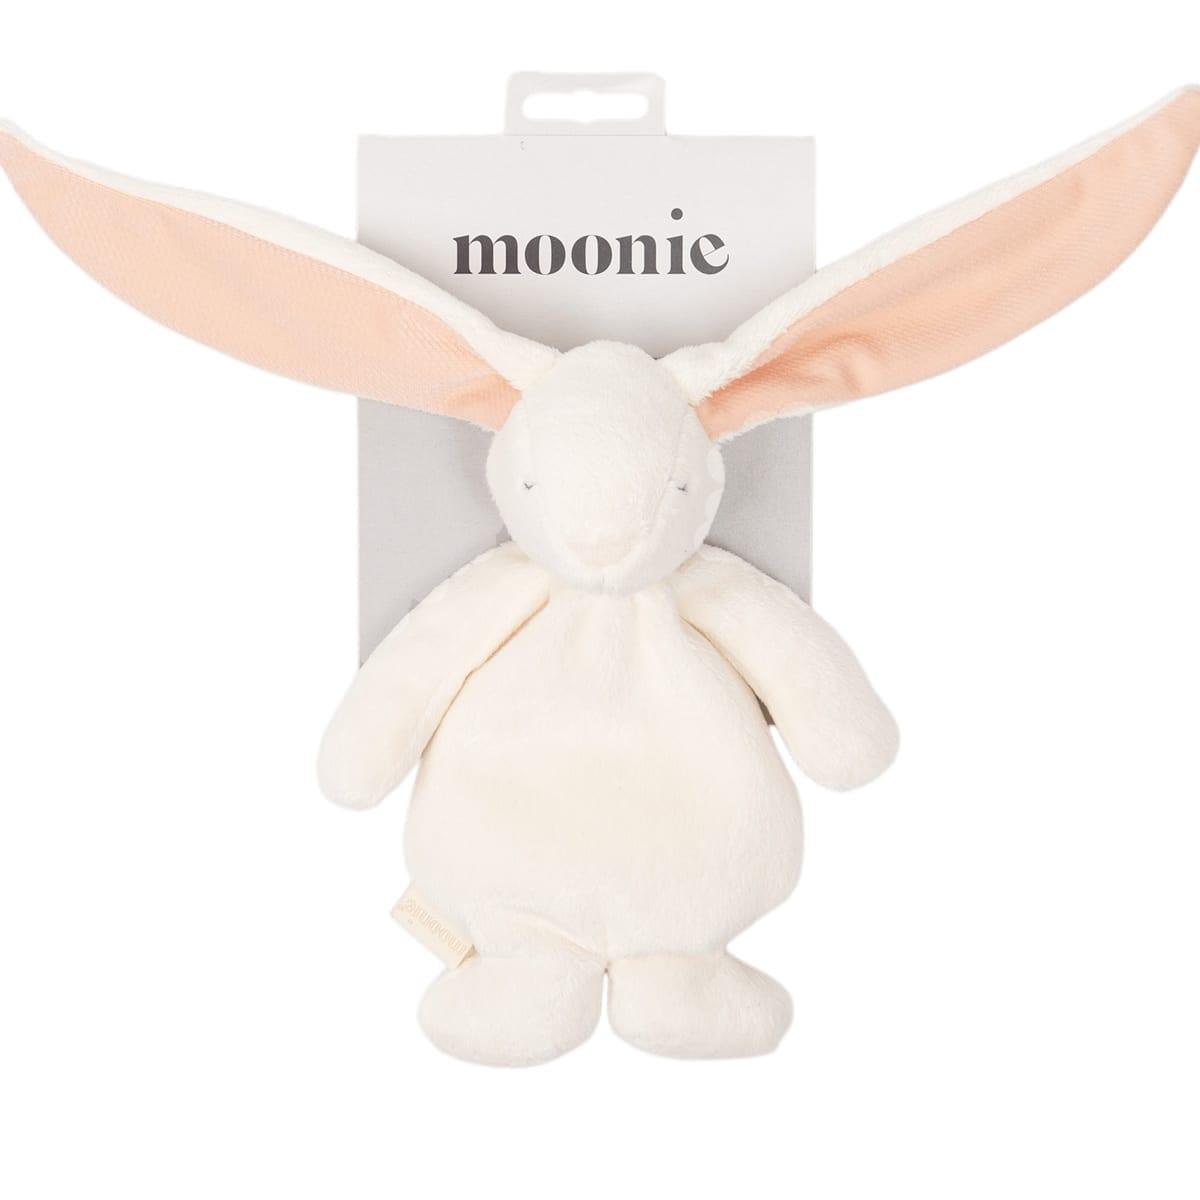 Moonie Sensory Cuddle Powder